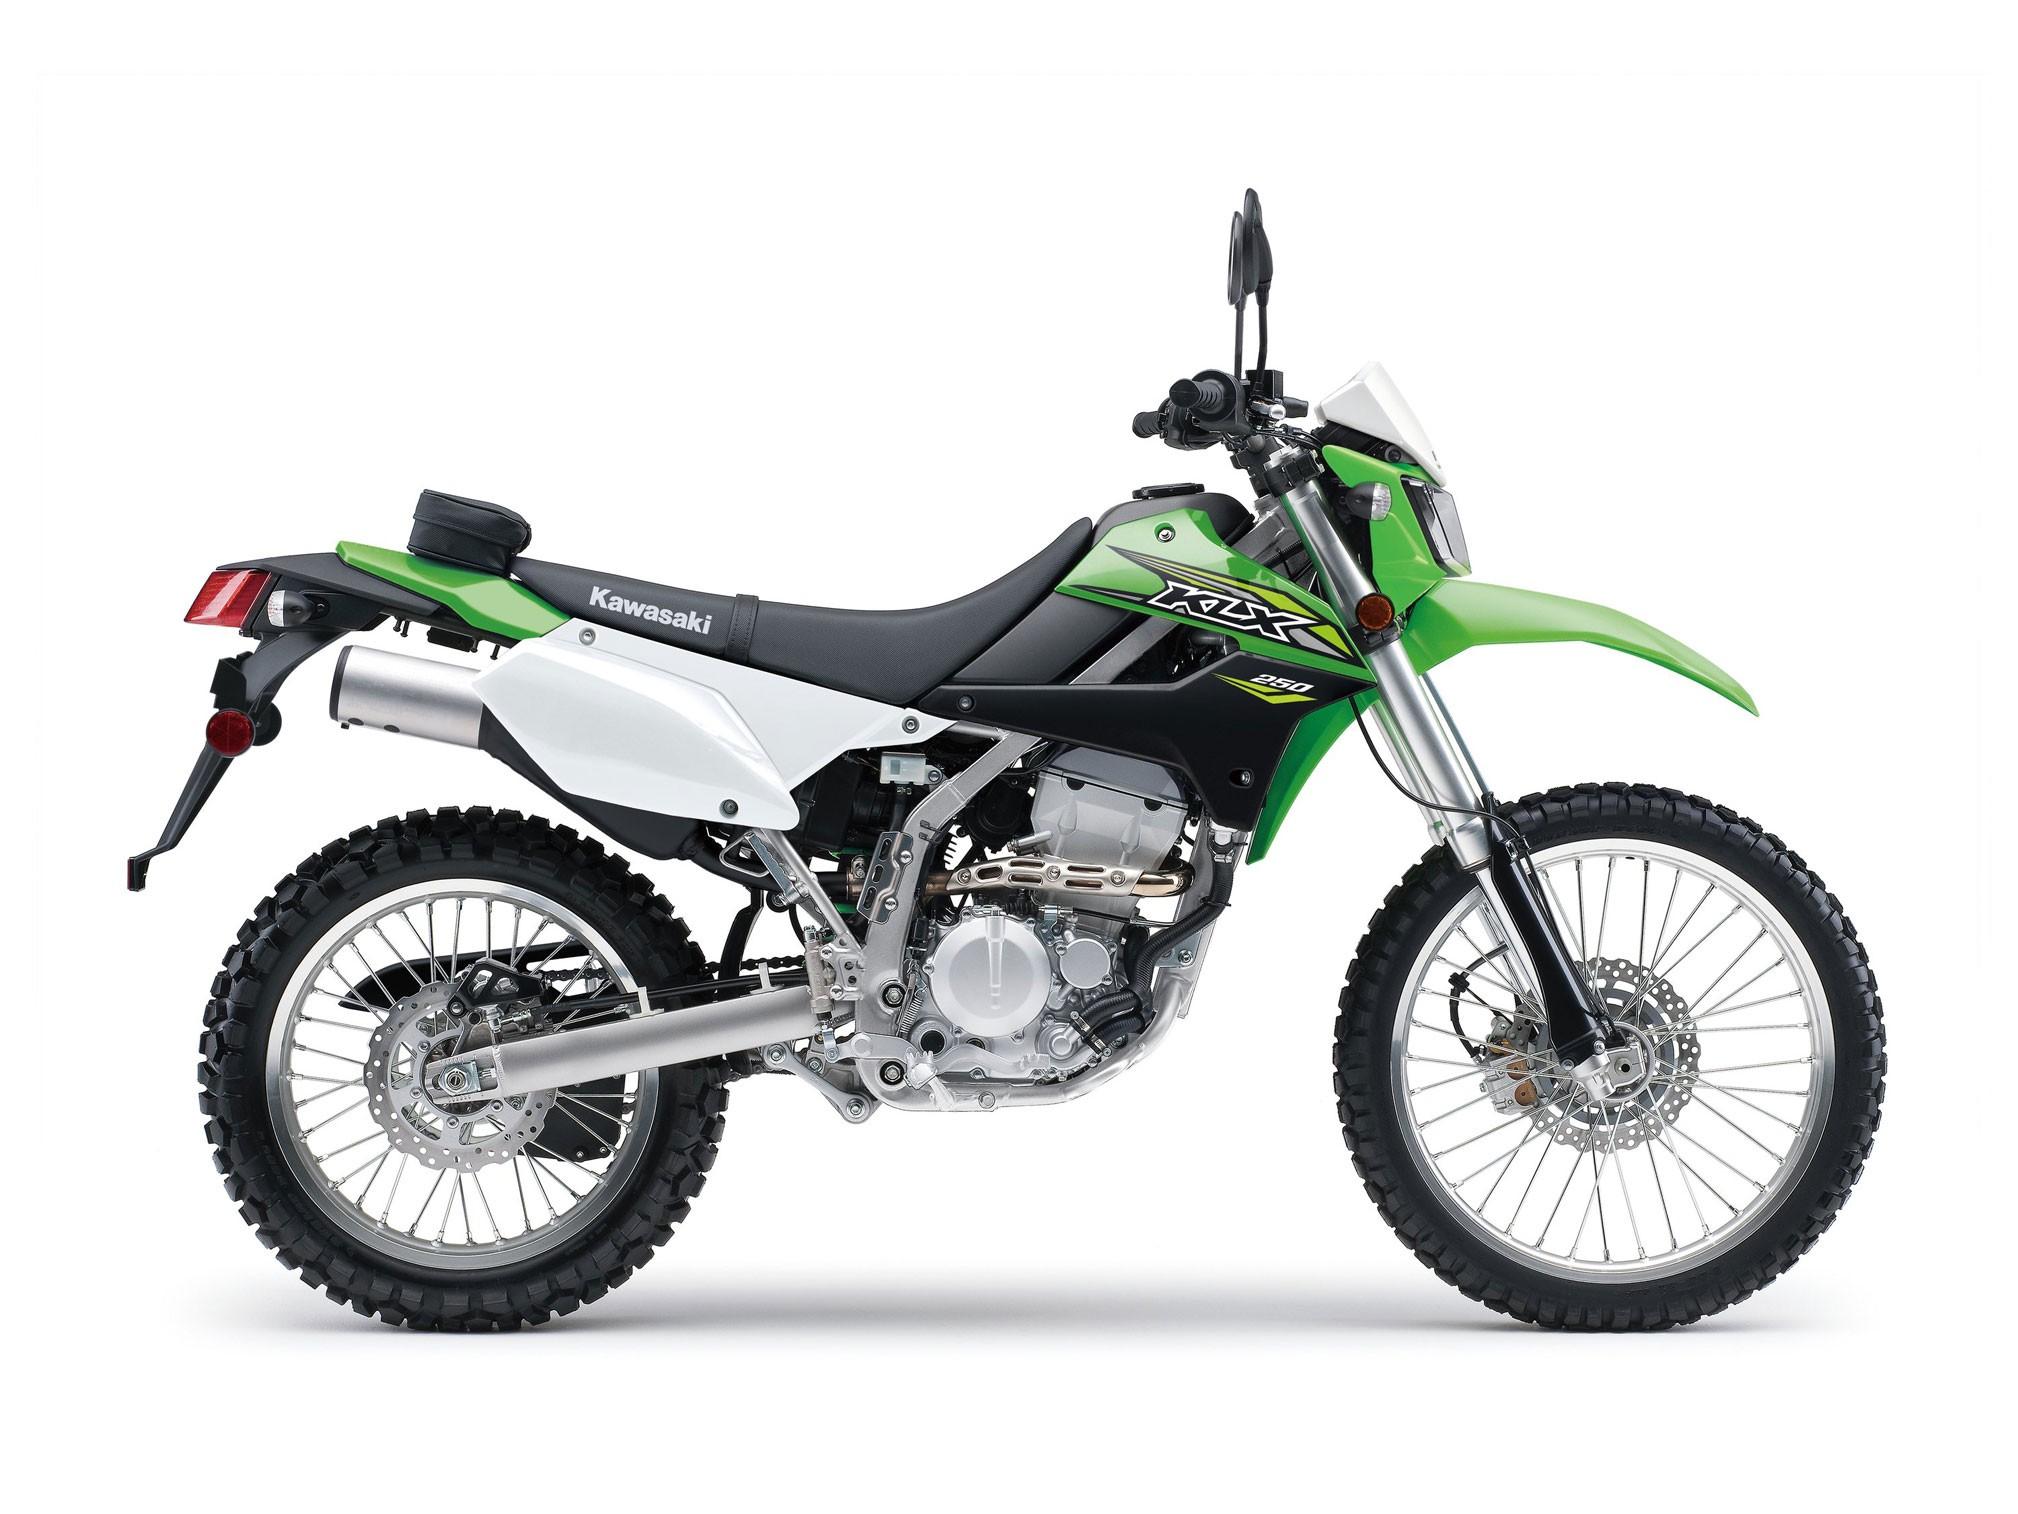 Kawasaki Klx 250 электрическая схема 2018 Kawasaki Klx250s Review • total Motorcycle Of Kawasaki Klx 250 электрическая схема